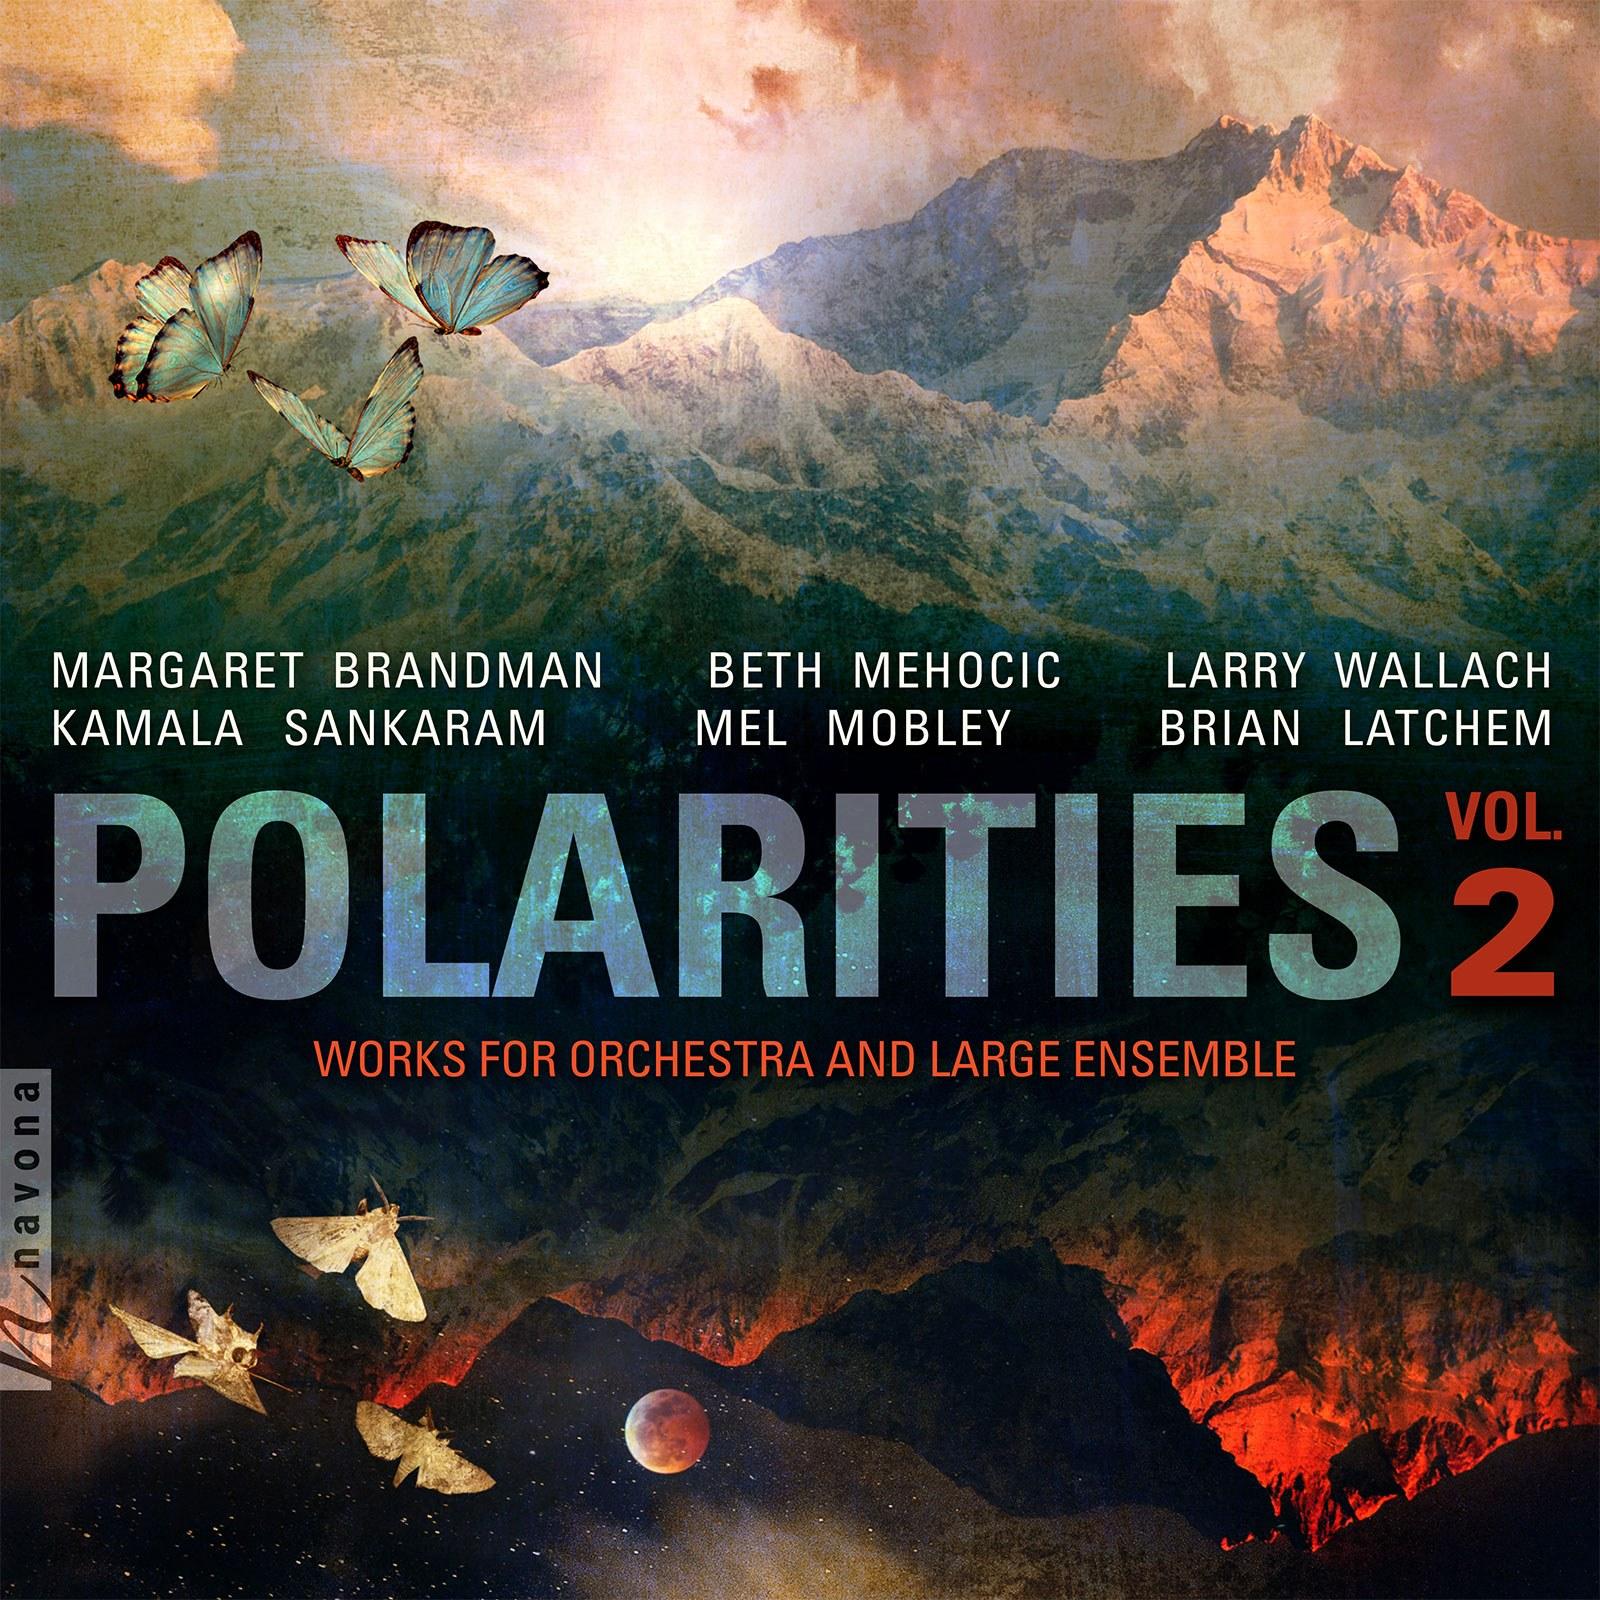 POLARITIES VOL. 2 - Album Cover